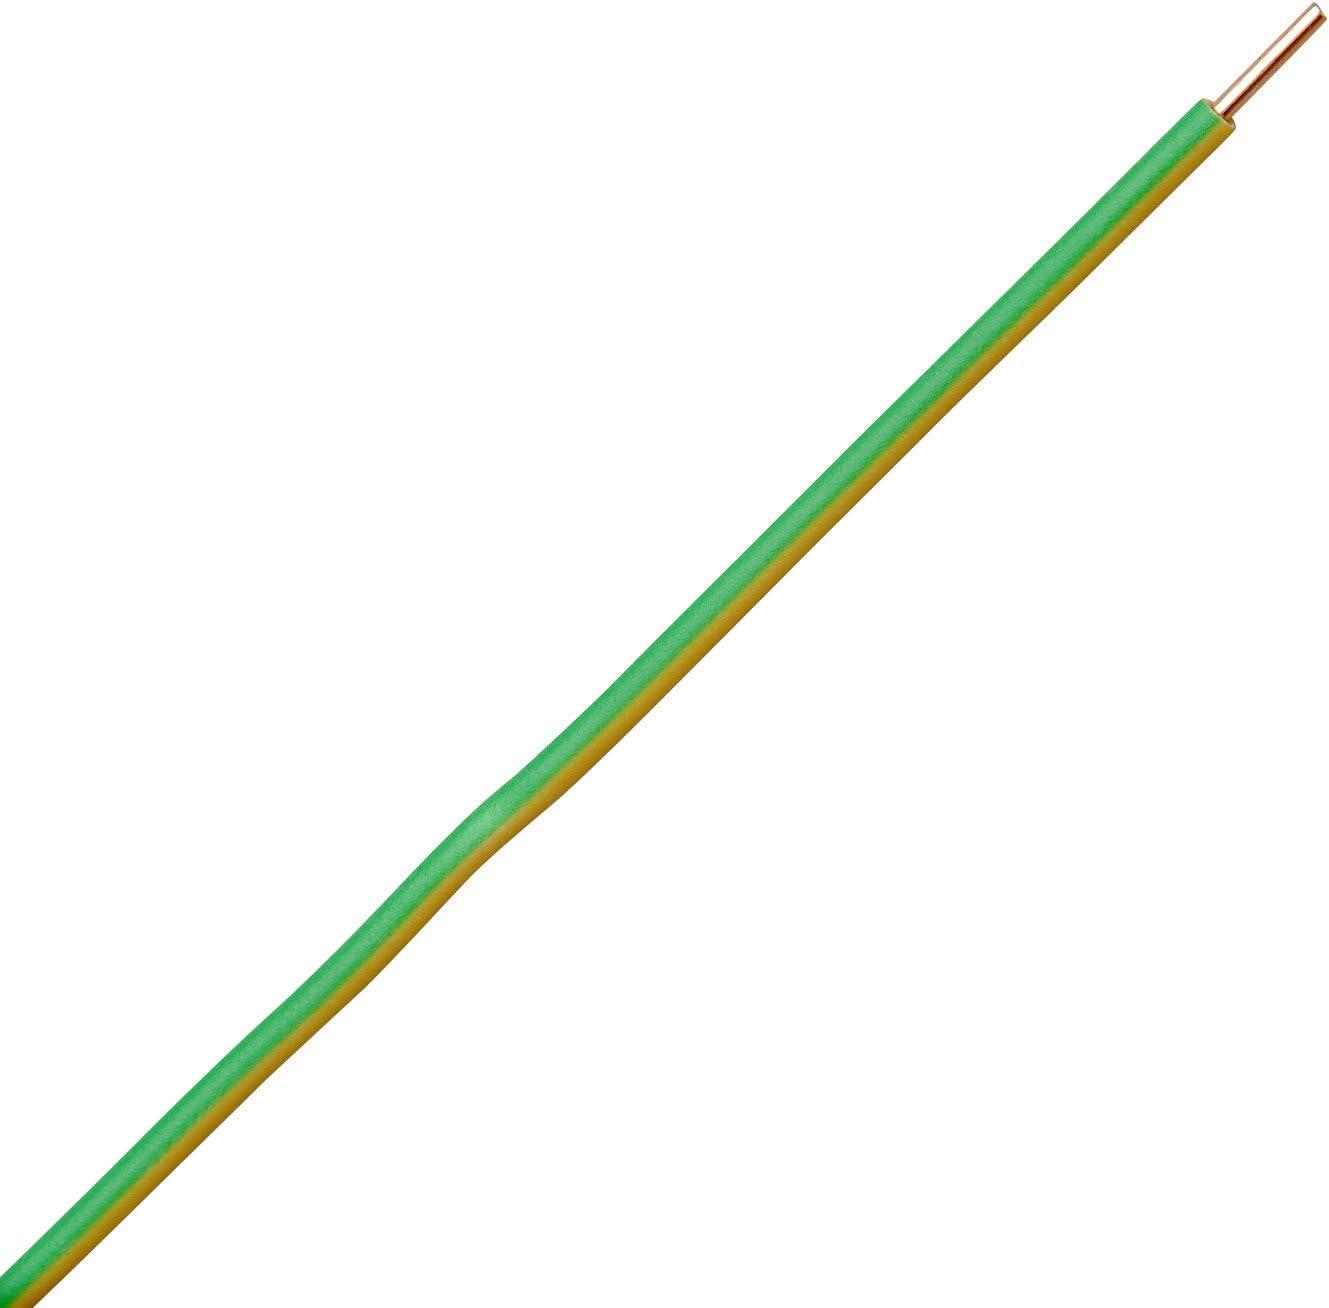 Kopp 155405842 Aderleitung H07 VU 1 x 6 mm/² gr/ün//gelb 5 m